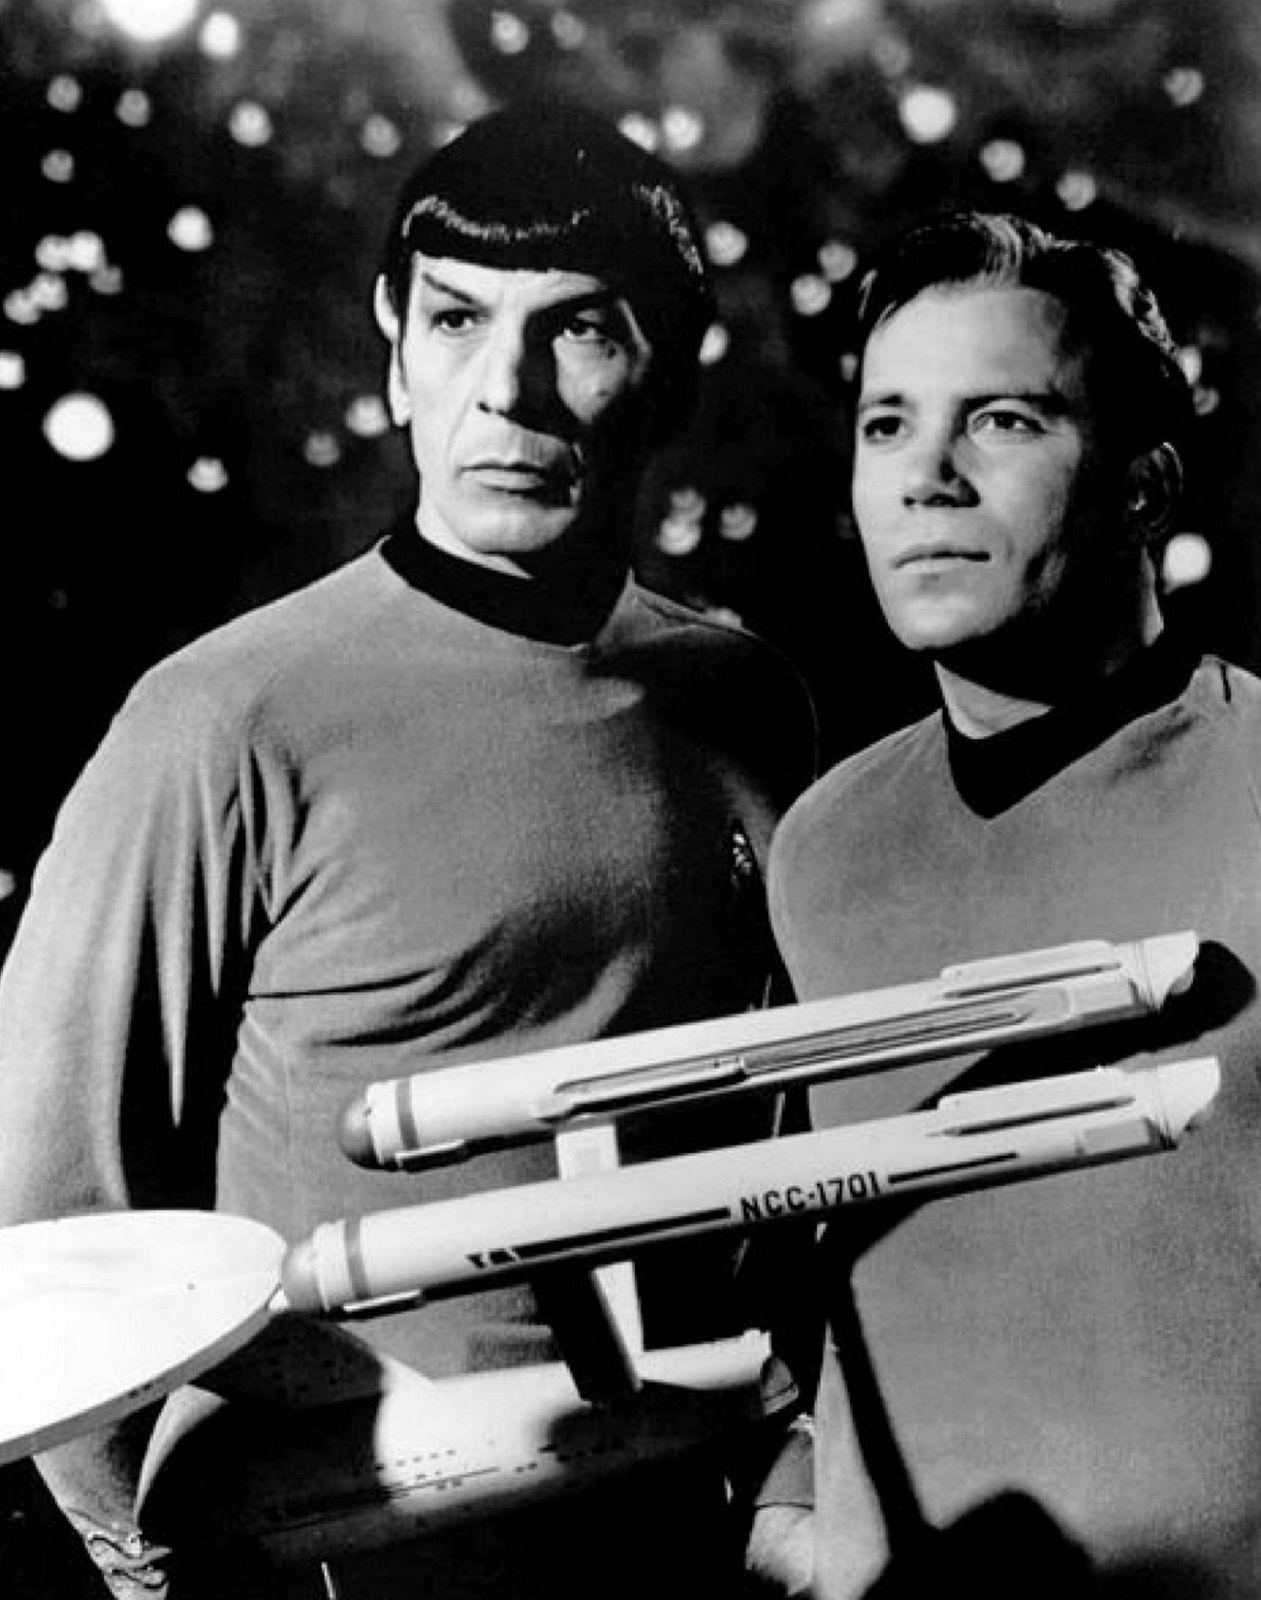 Leonard Nimoy v seriáli Star Trek (1966)